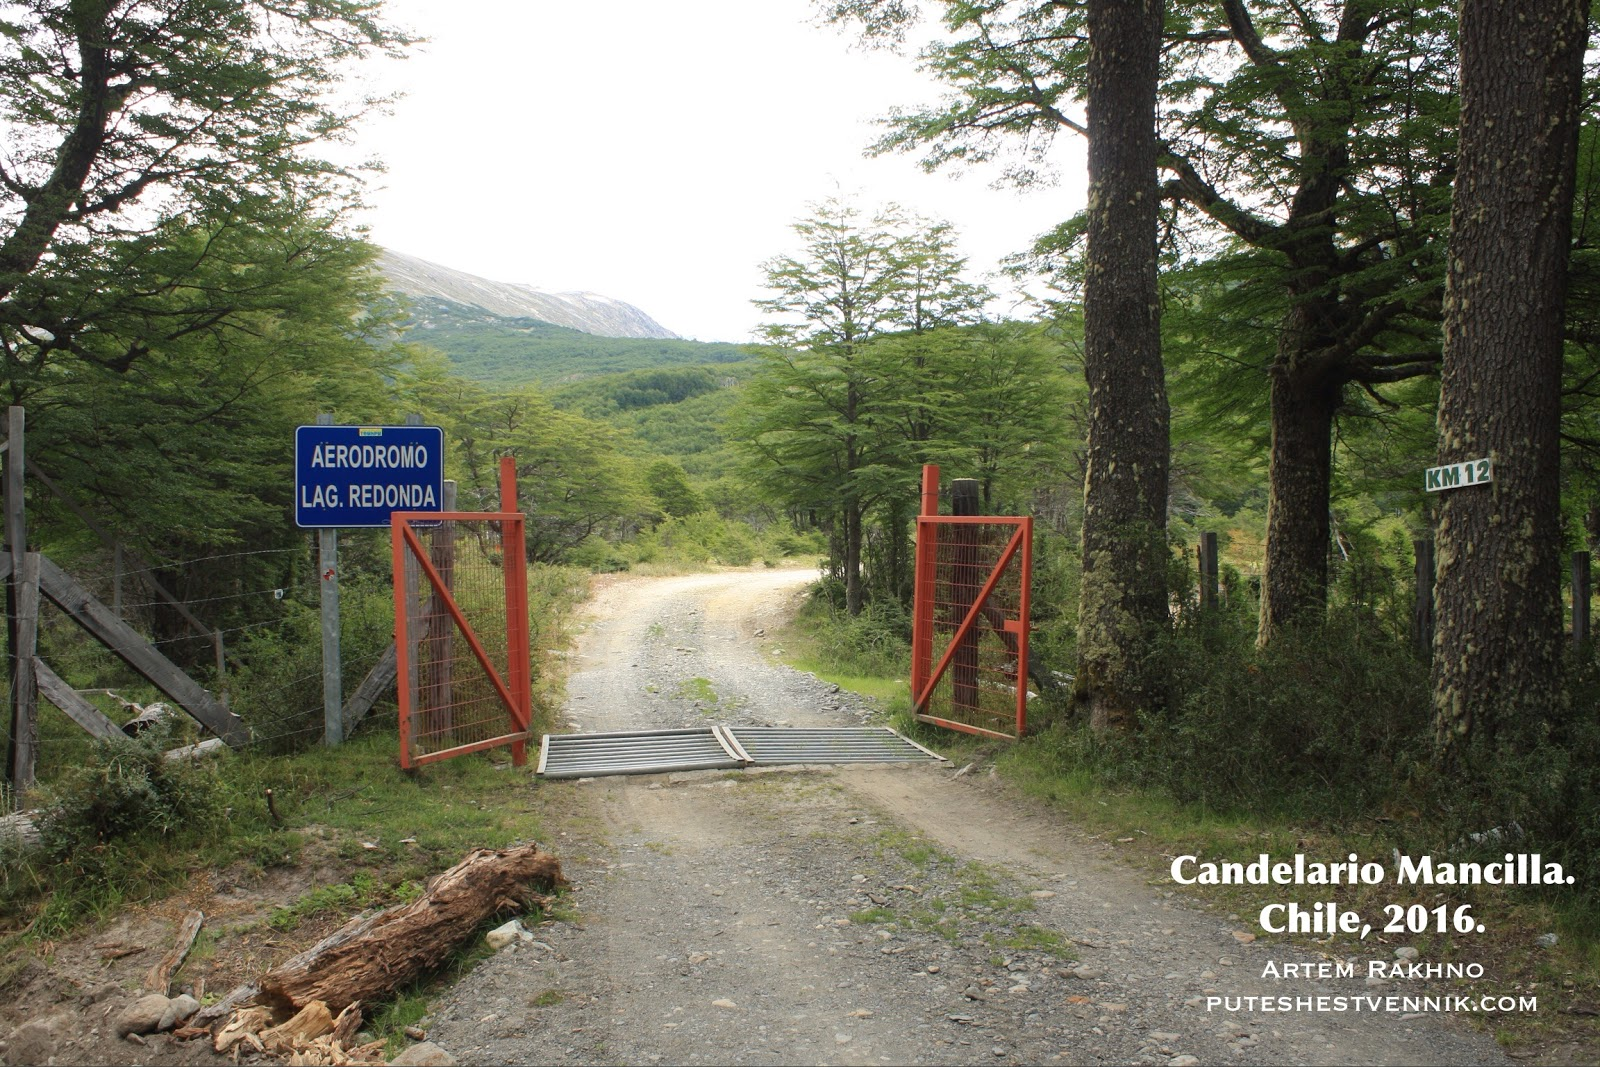 Ворота аэродрома